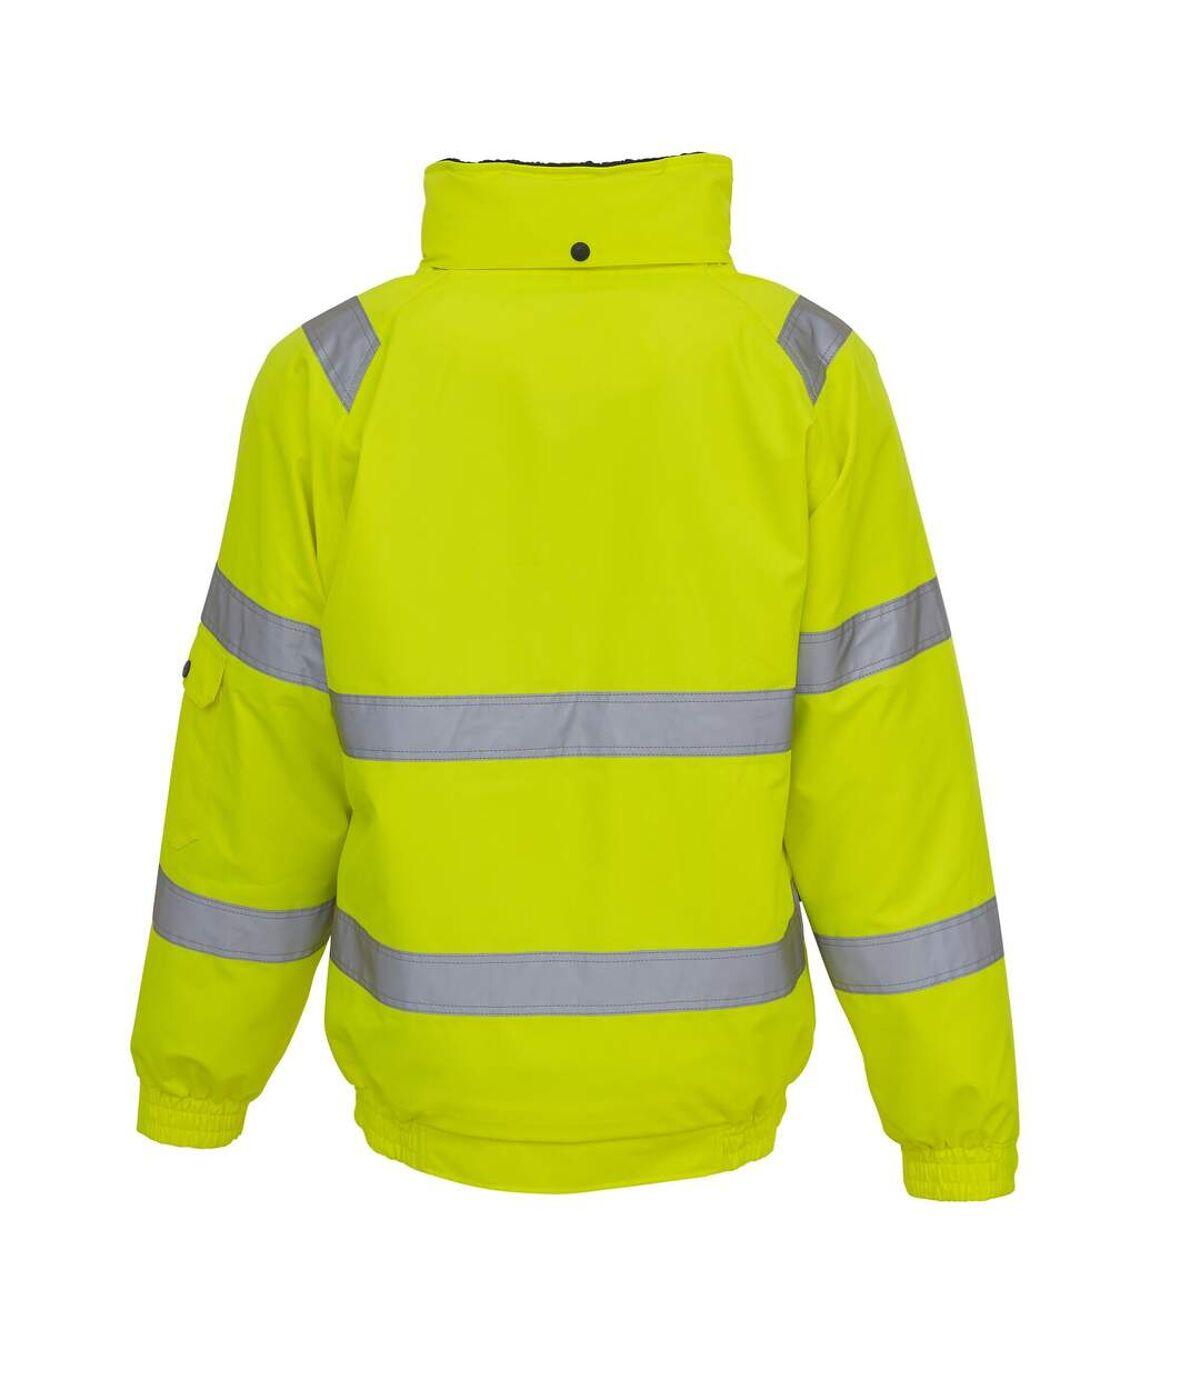 Yoko Fontaine Flight Jacket (Yellow) - UTPC3255